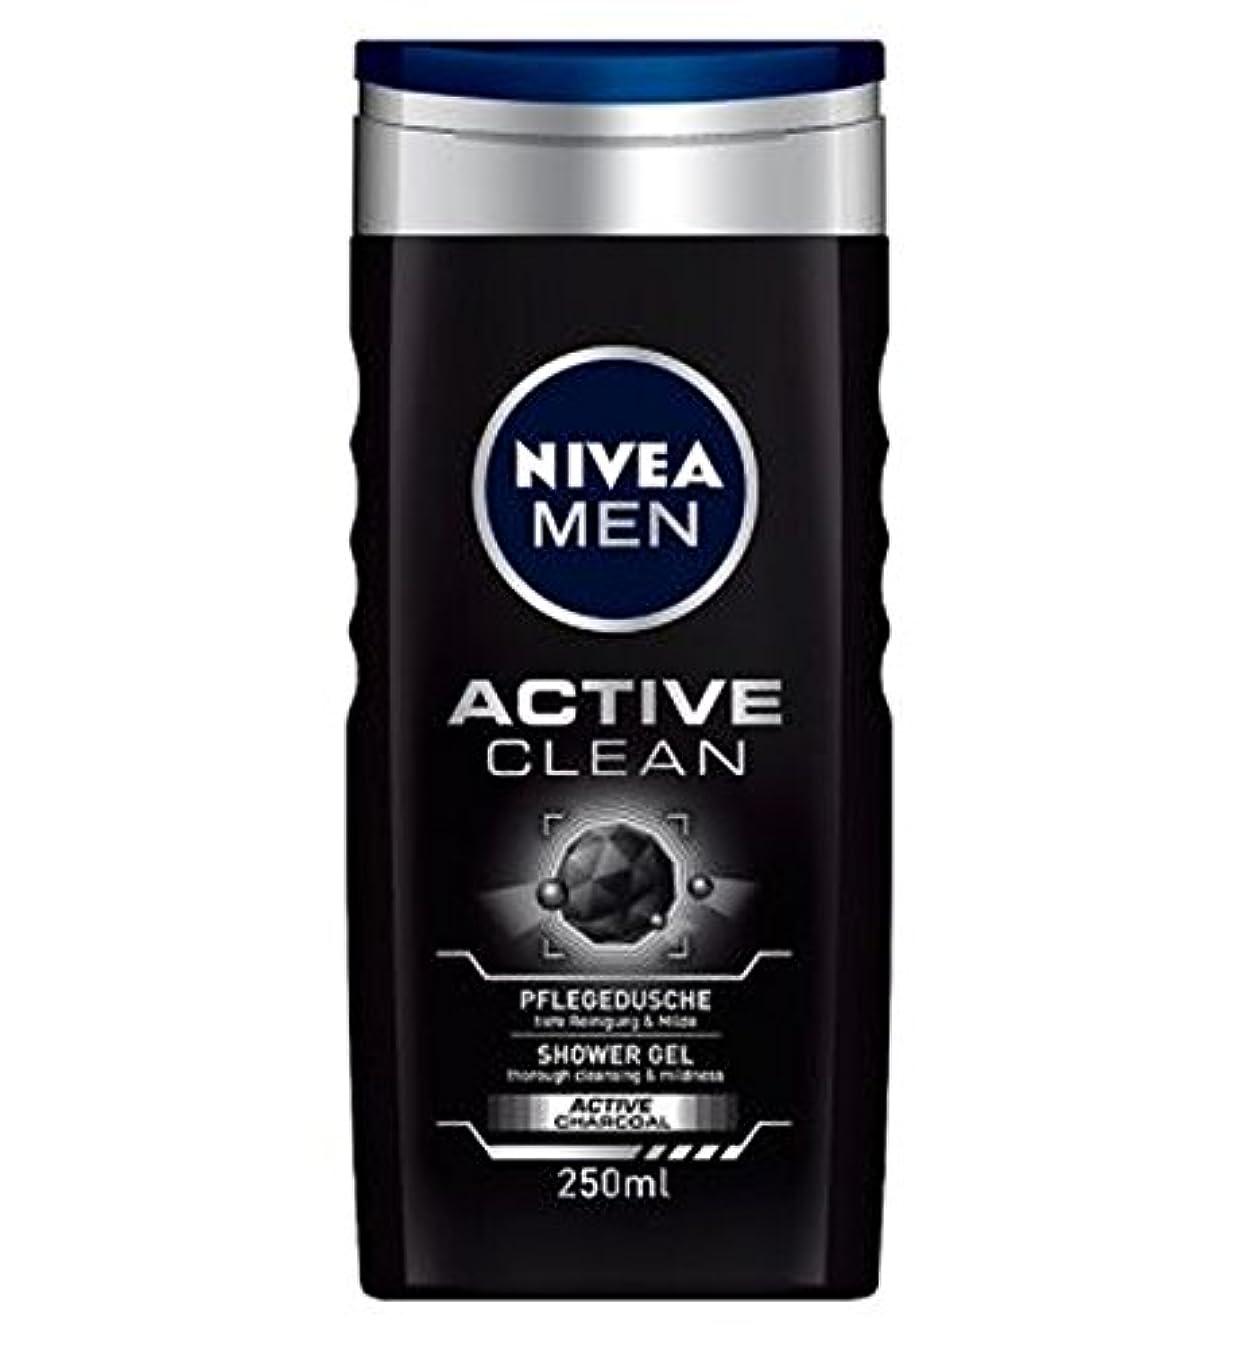 チート応じるテーブルNIVEA MEN Active Clean Shower Gel 250ml - ニベアの男性アクティブクリーンシャワージェル250ミリリットル (Nivea) [並行輸入品]